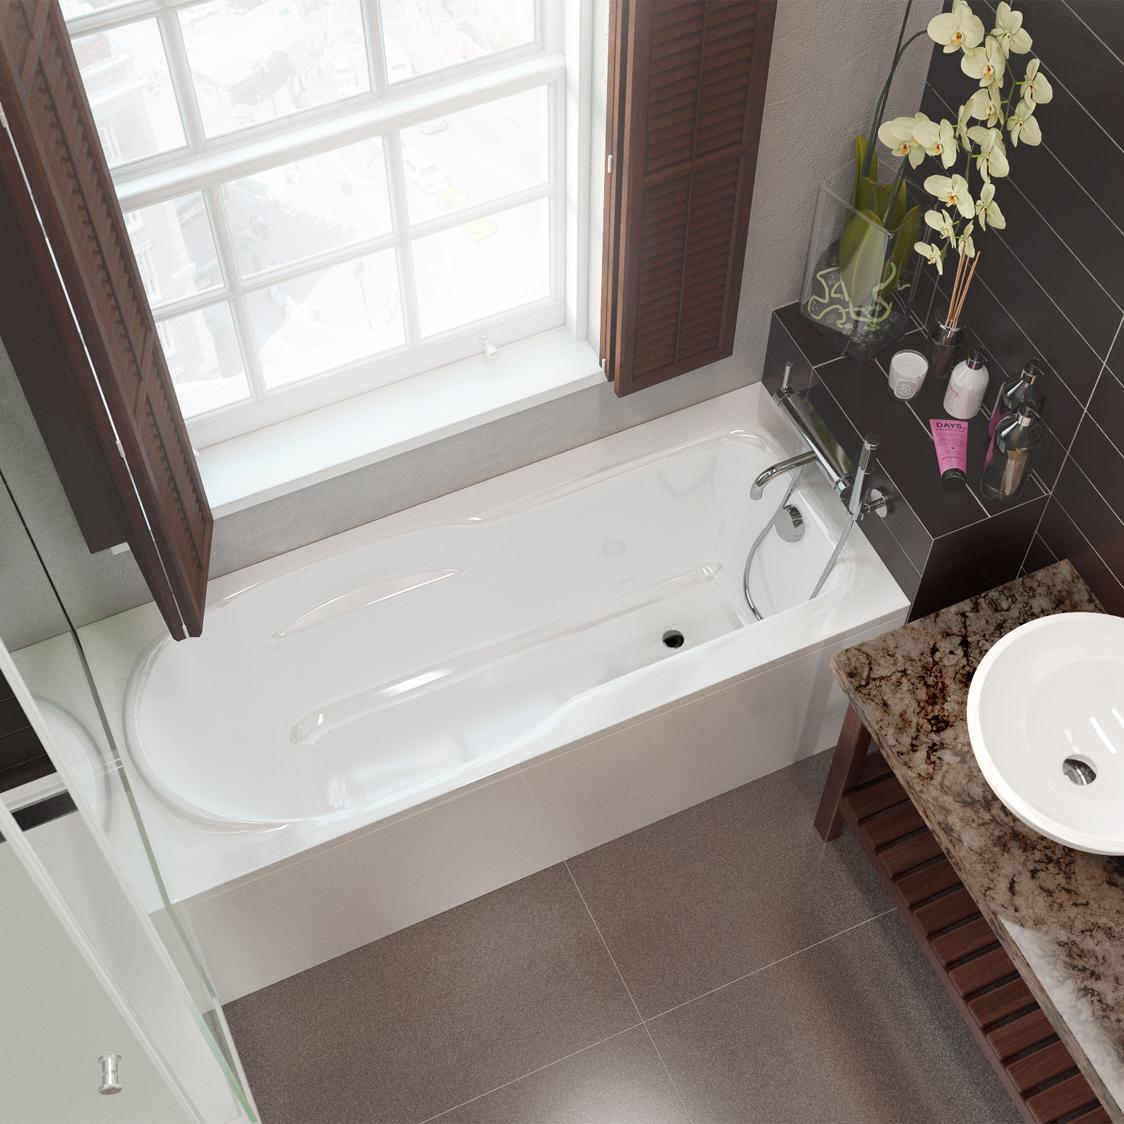 Акриловая ванна Alpen Karmenta 140x70 акриловая ванна alpen karmenta 170x70 комплект